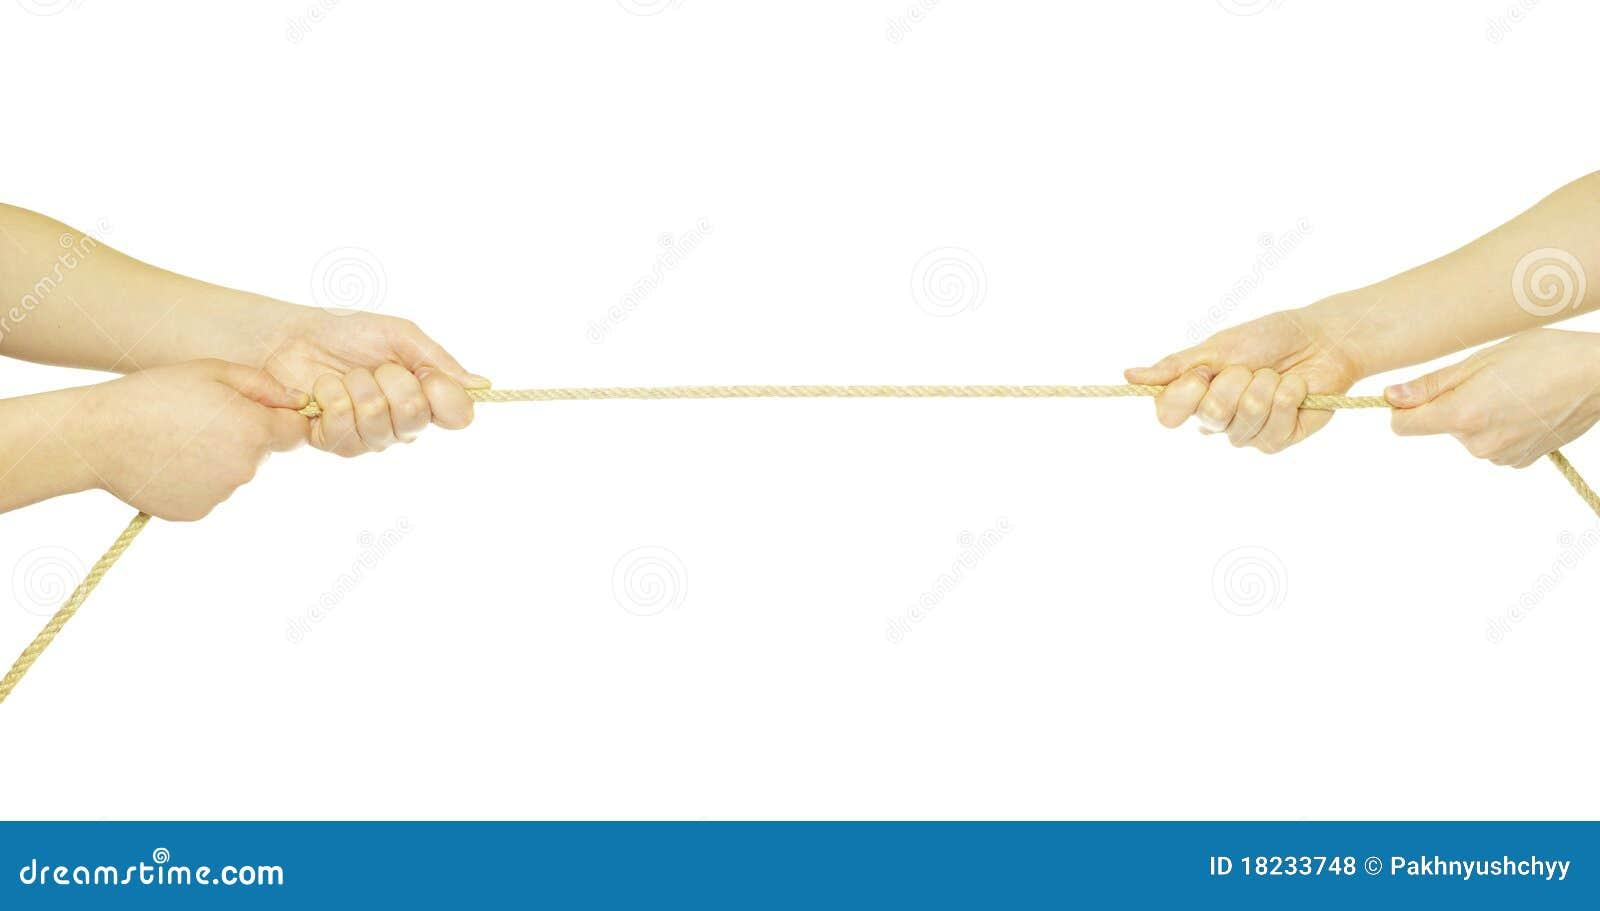 Handen en kabel